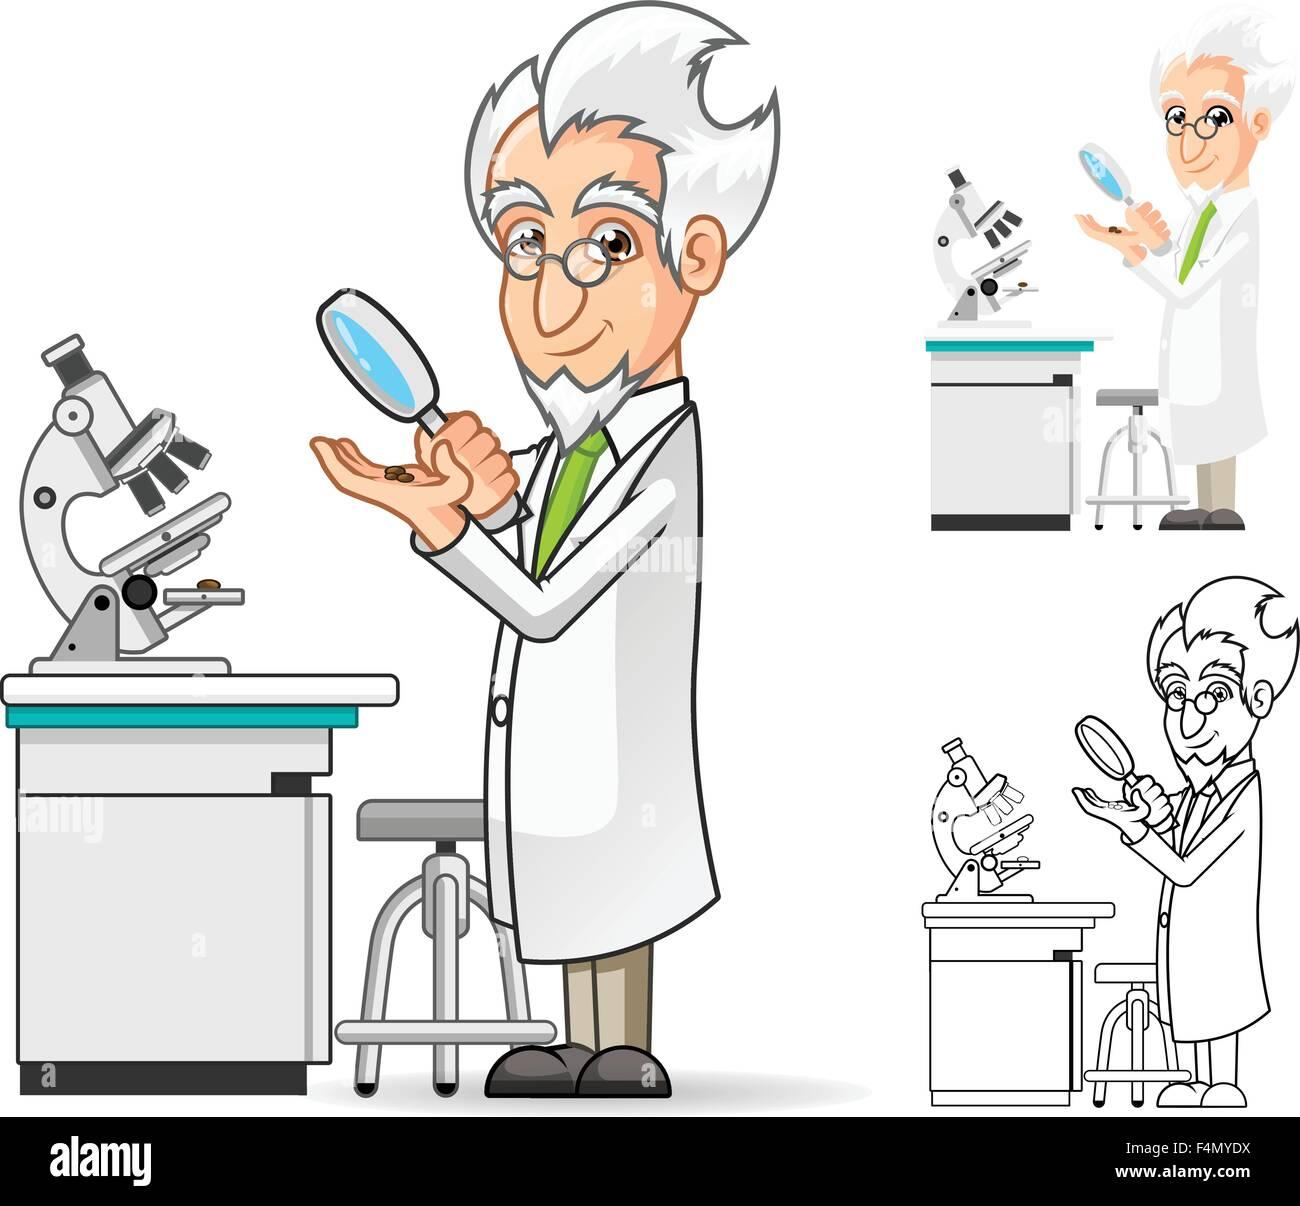 Wissenschaftler Cartoon Figur Halt Eine Lupe Mit Mikroskop